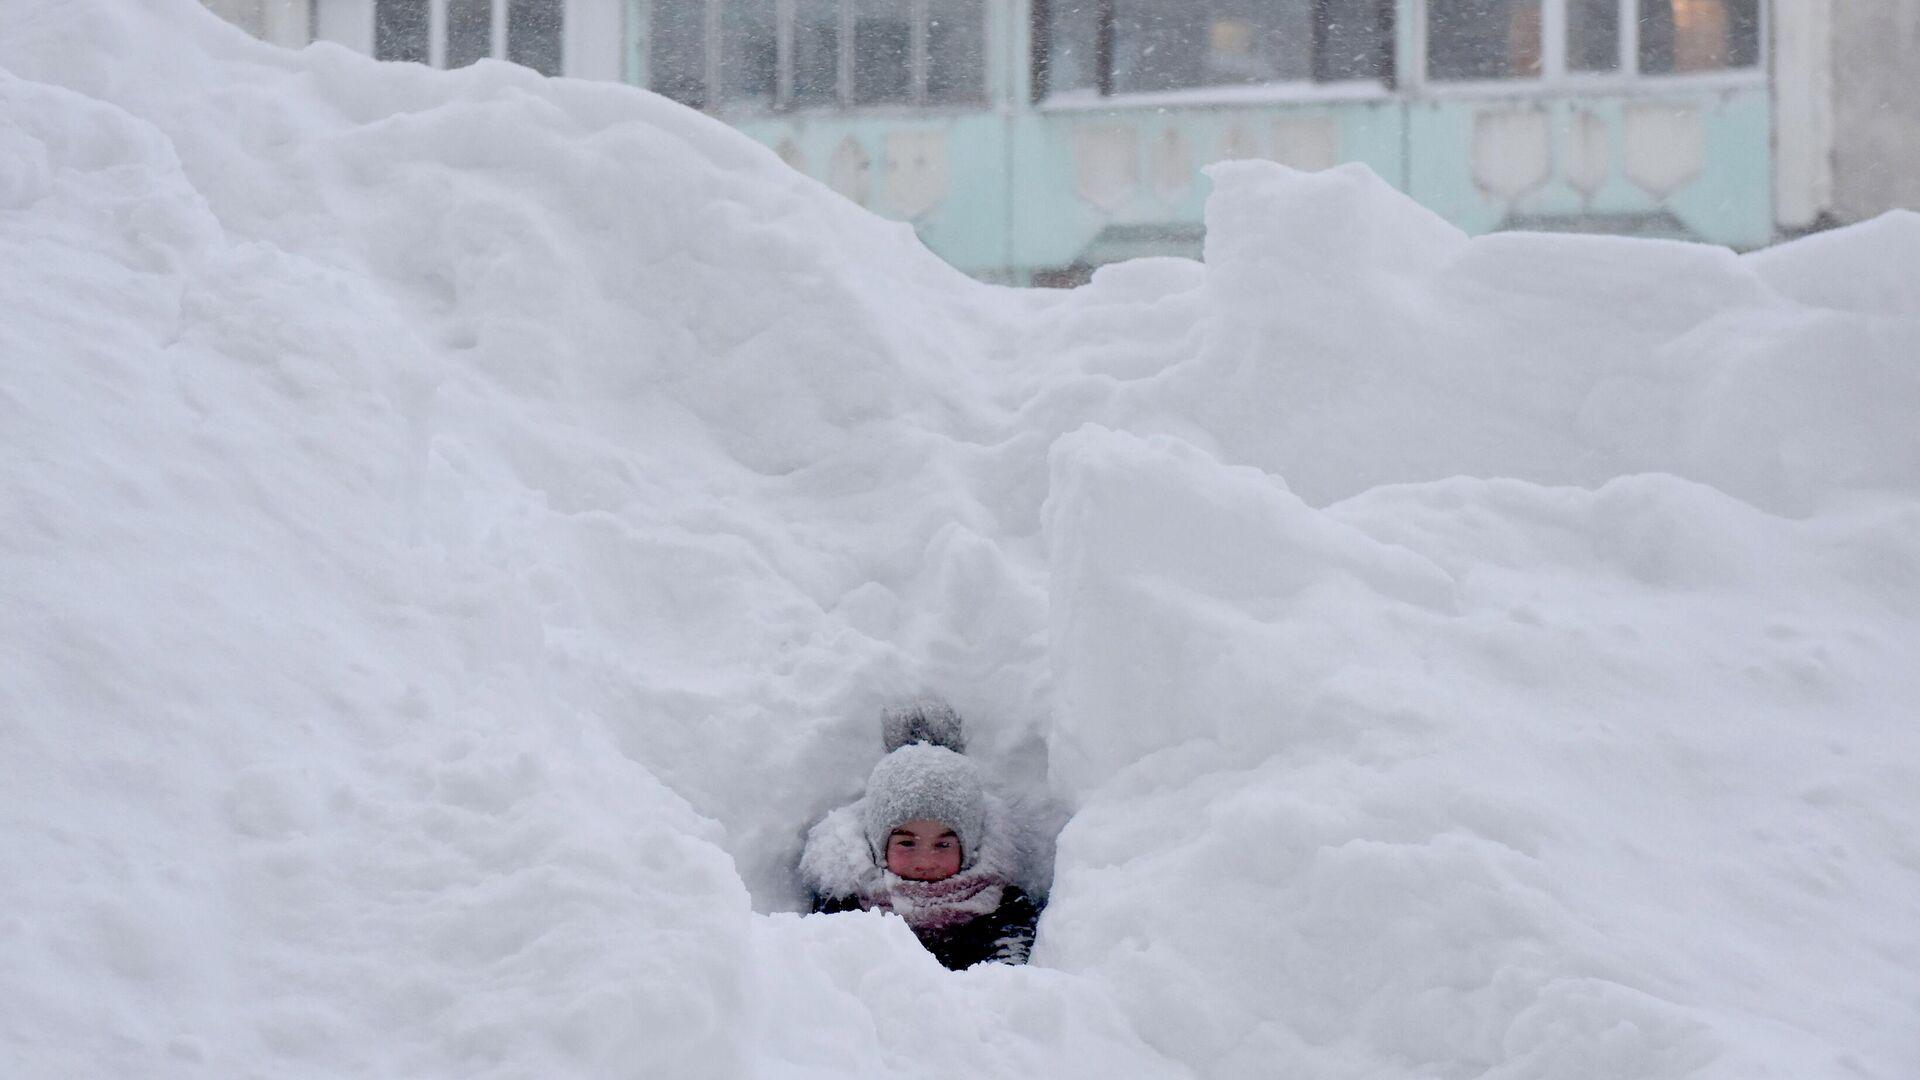 Ребенок играет в сугробе во дворе жилого дома в Норильске - РИА Новости, 1920, 28.12.2020